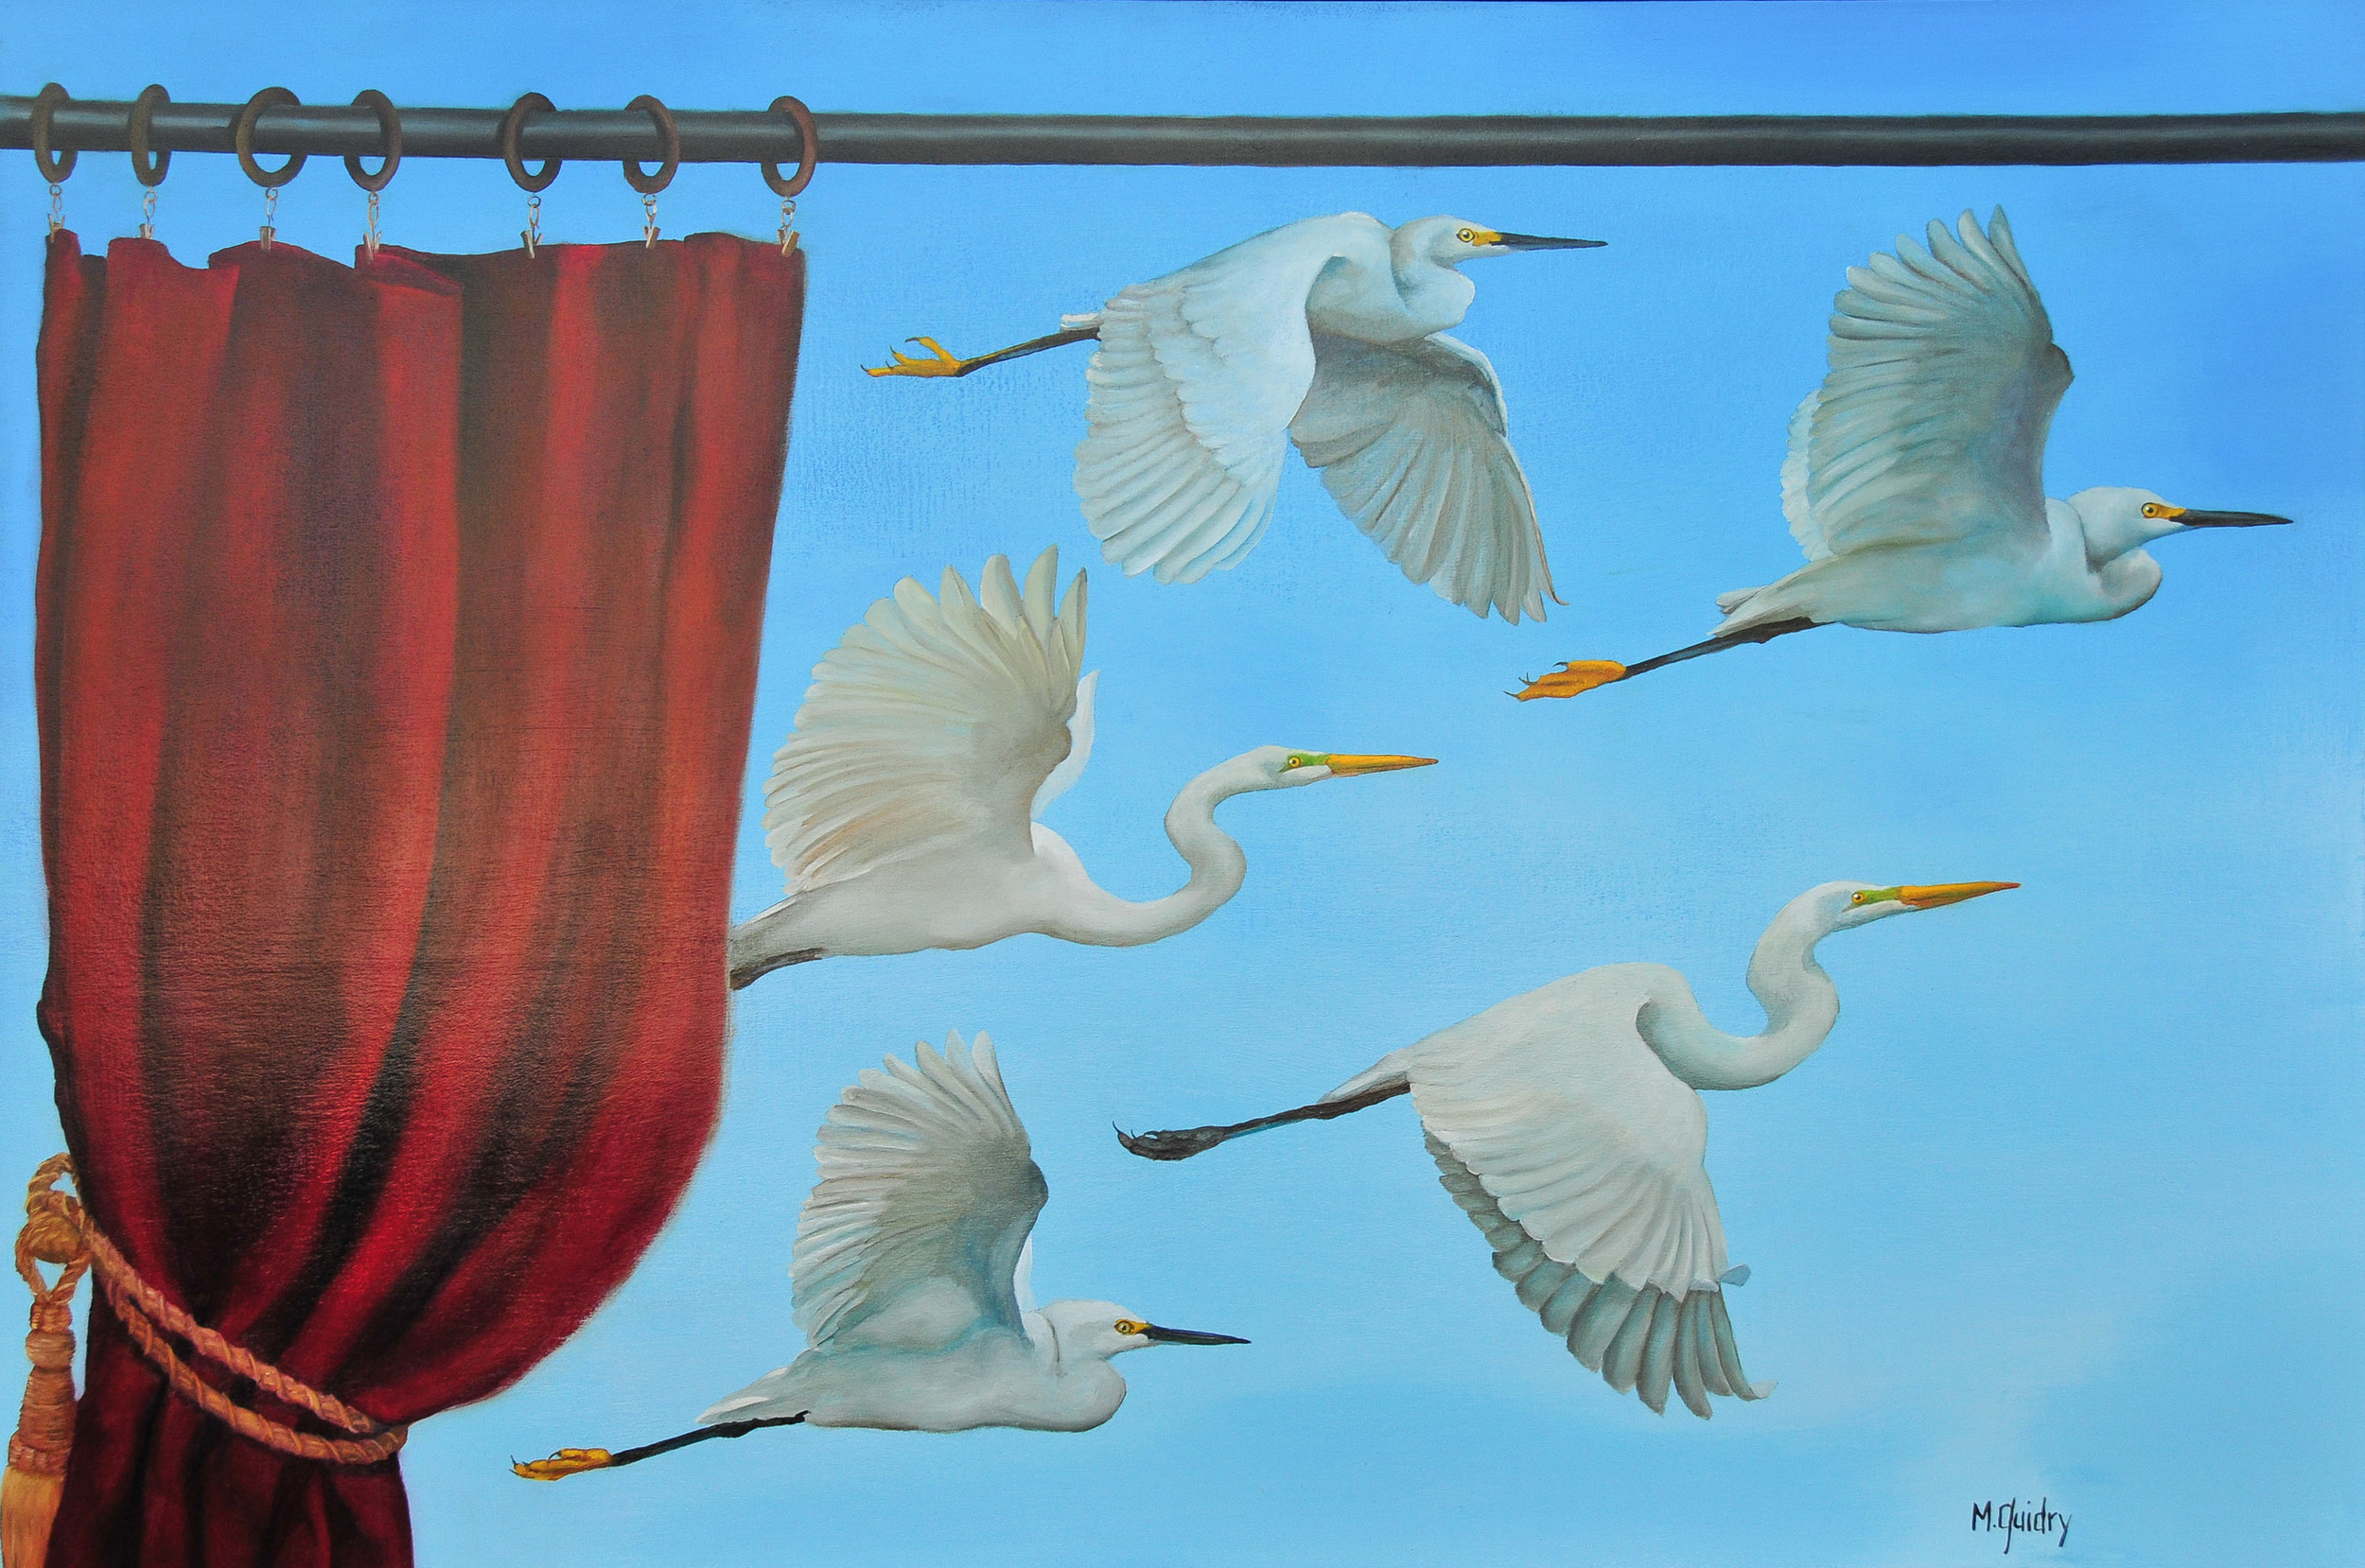 Et_voila_egrets_white_snowy_red_curtain_louisiana_m.guidry_michael_guidry_oil_painting_marsh_new_orleans_artist.jpg.jpg